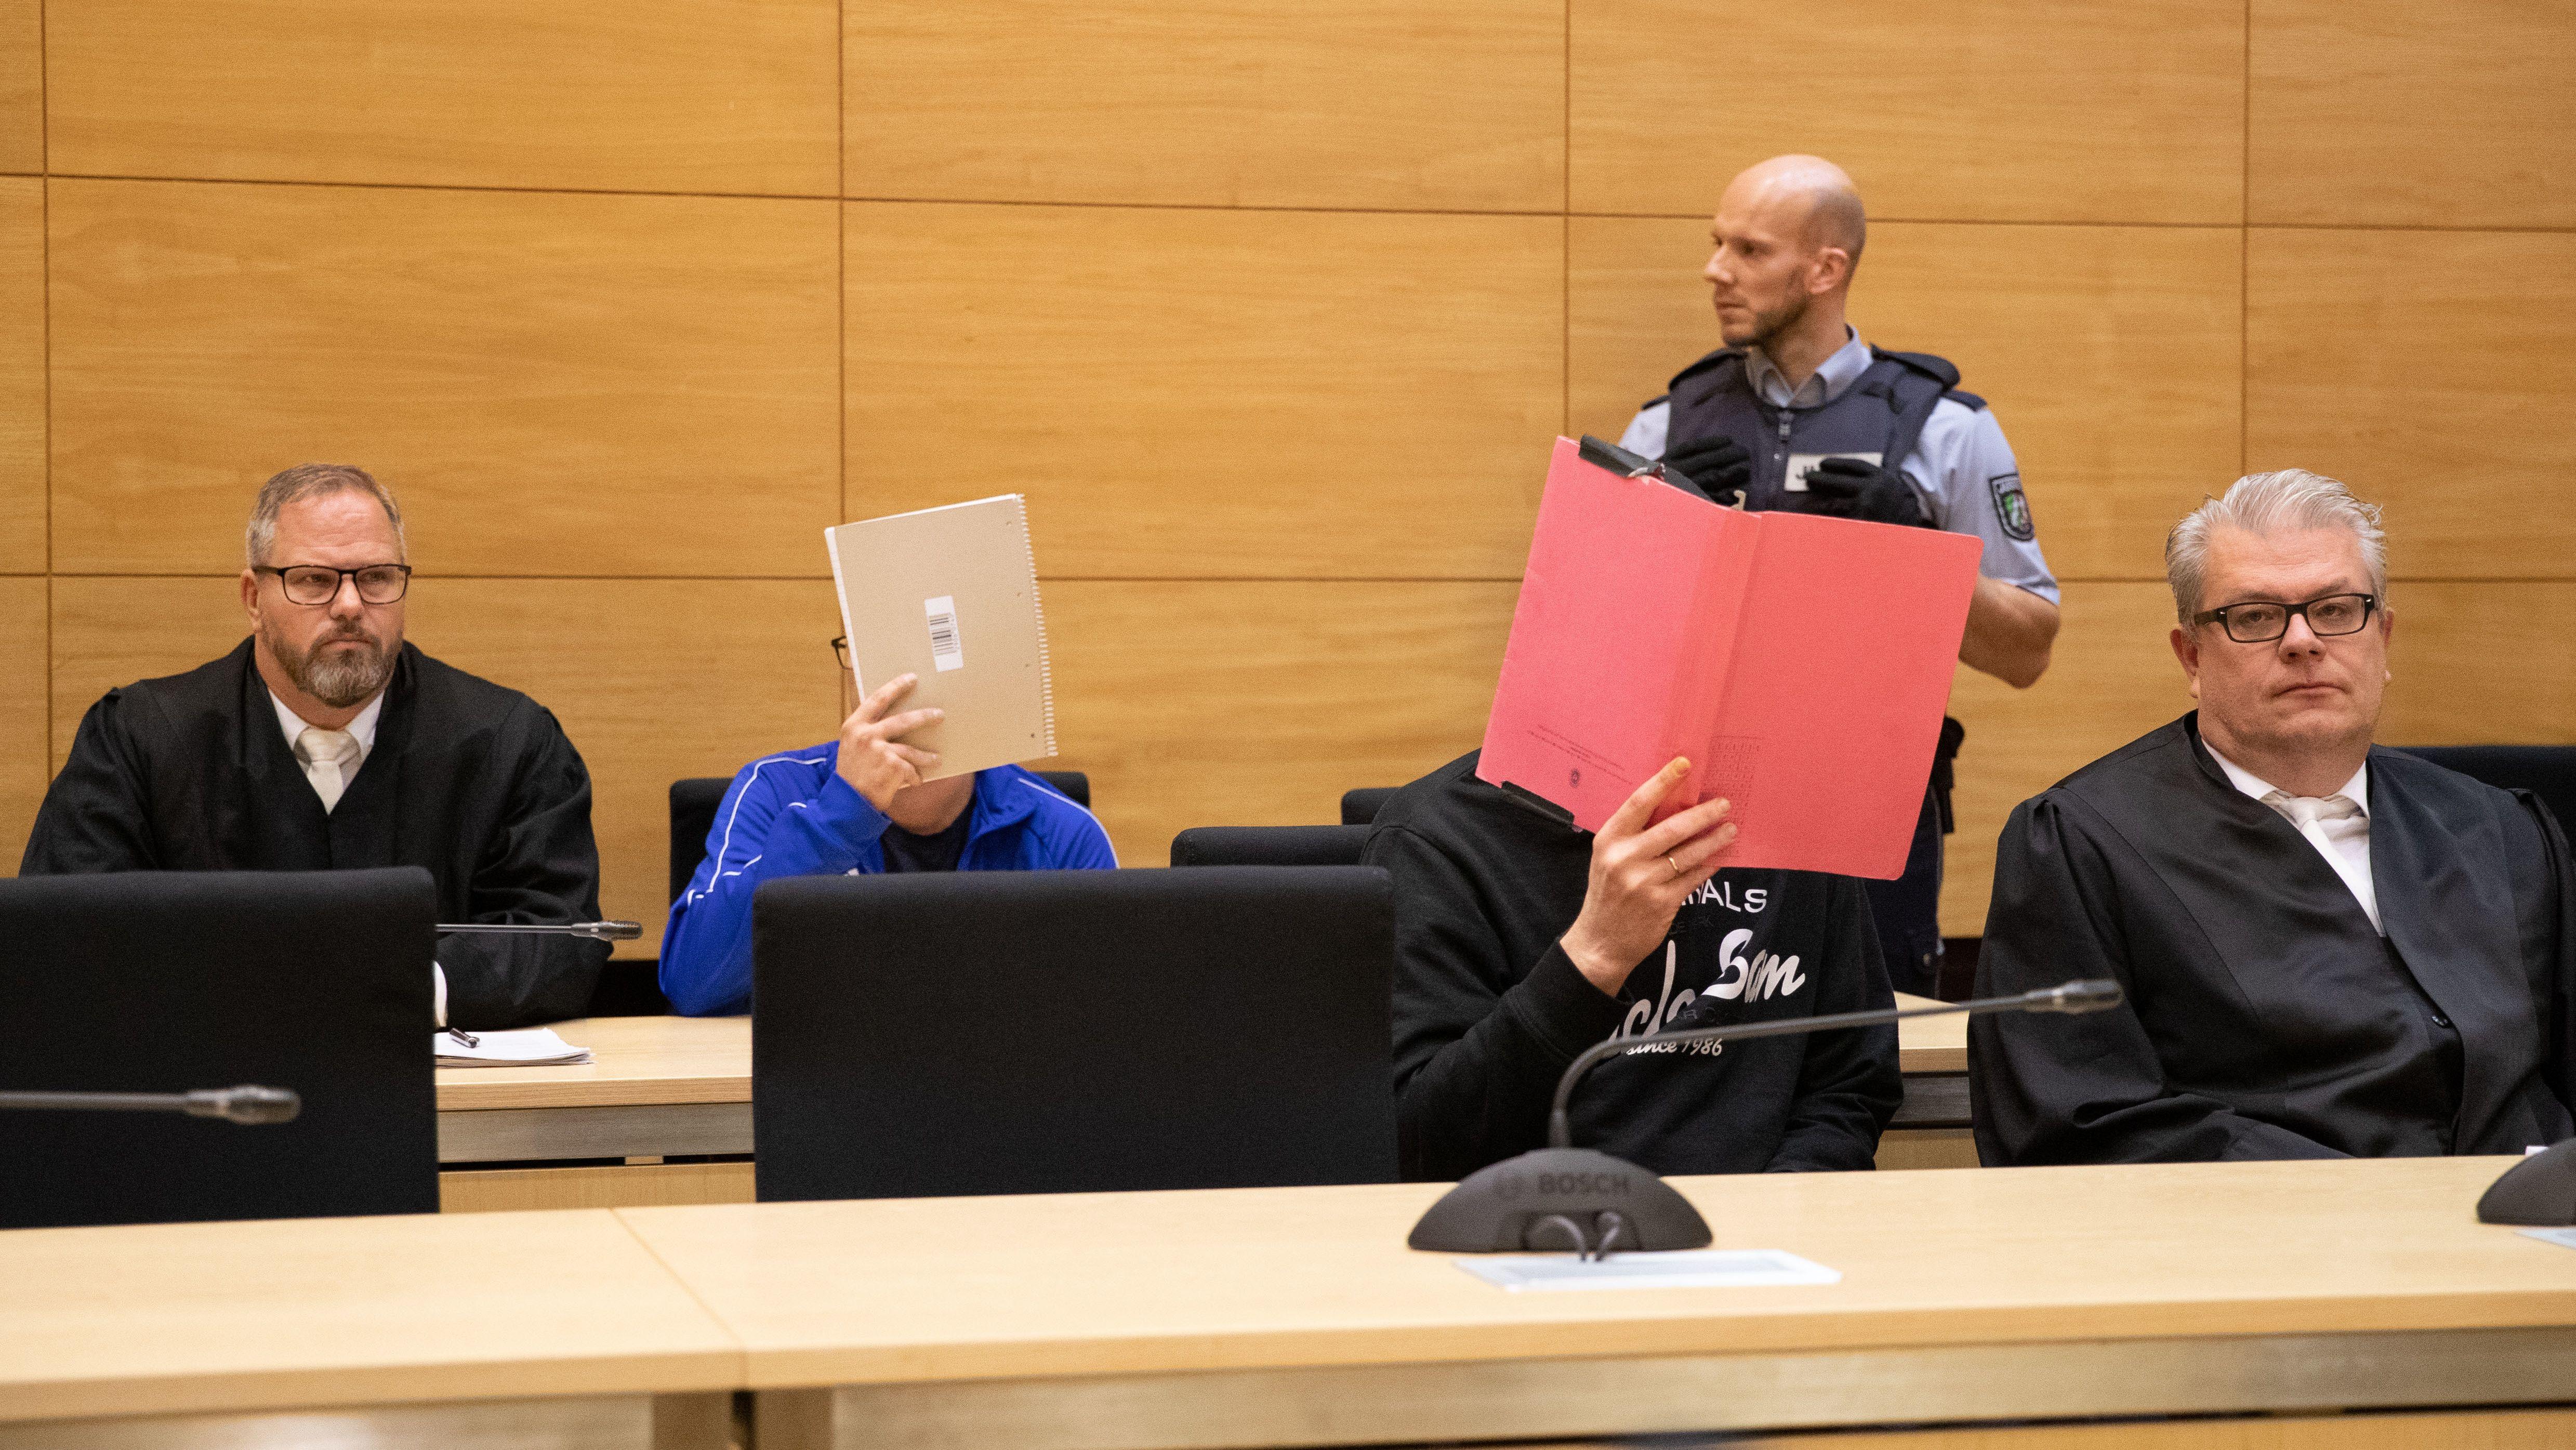 Angeklagte mit ihren Verteidigern im Gerichtssaal.